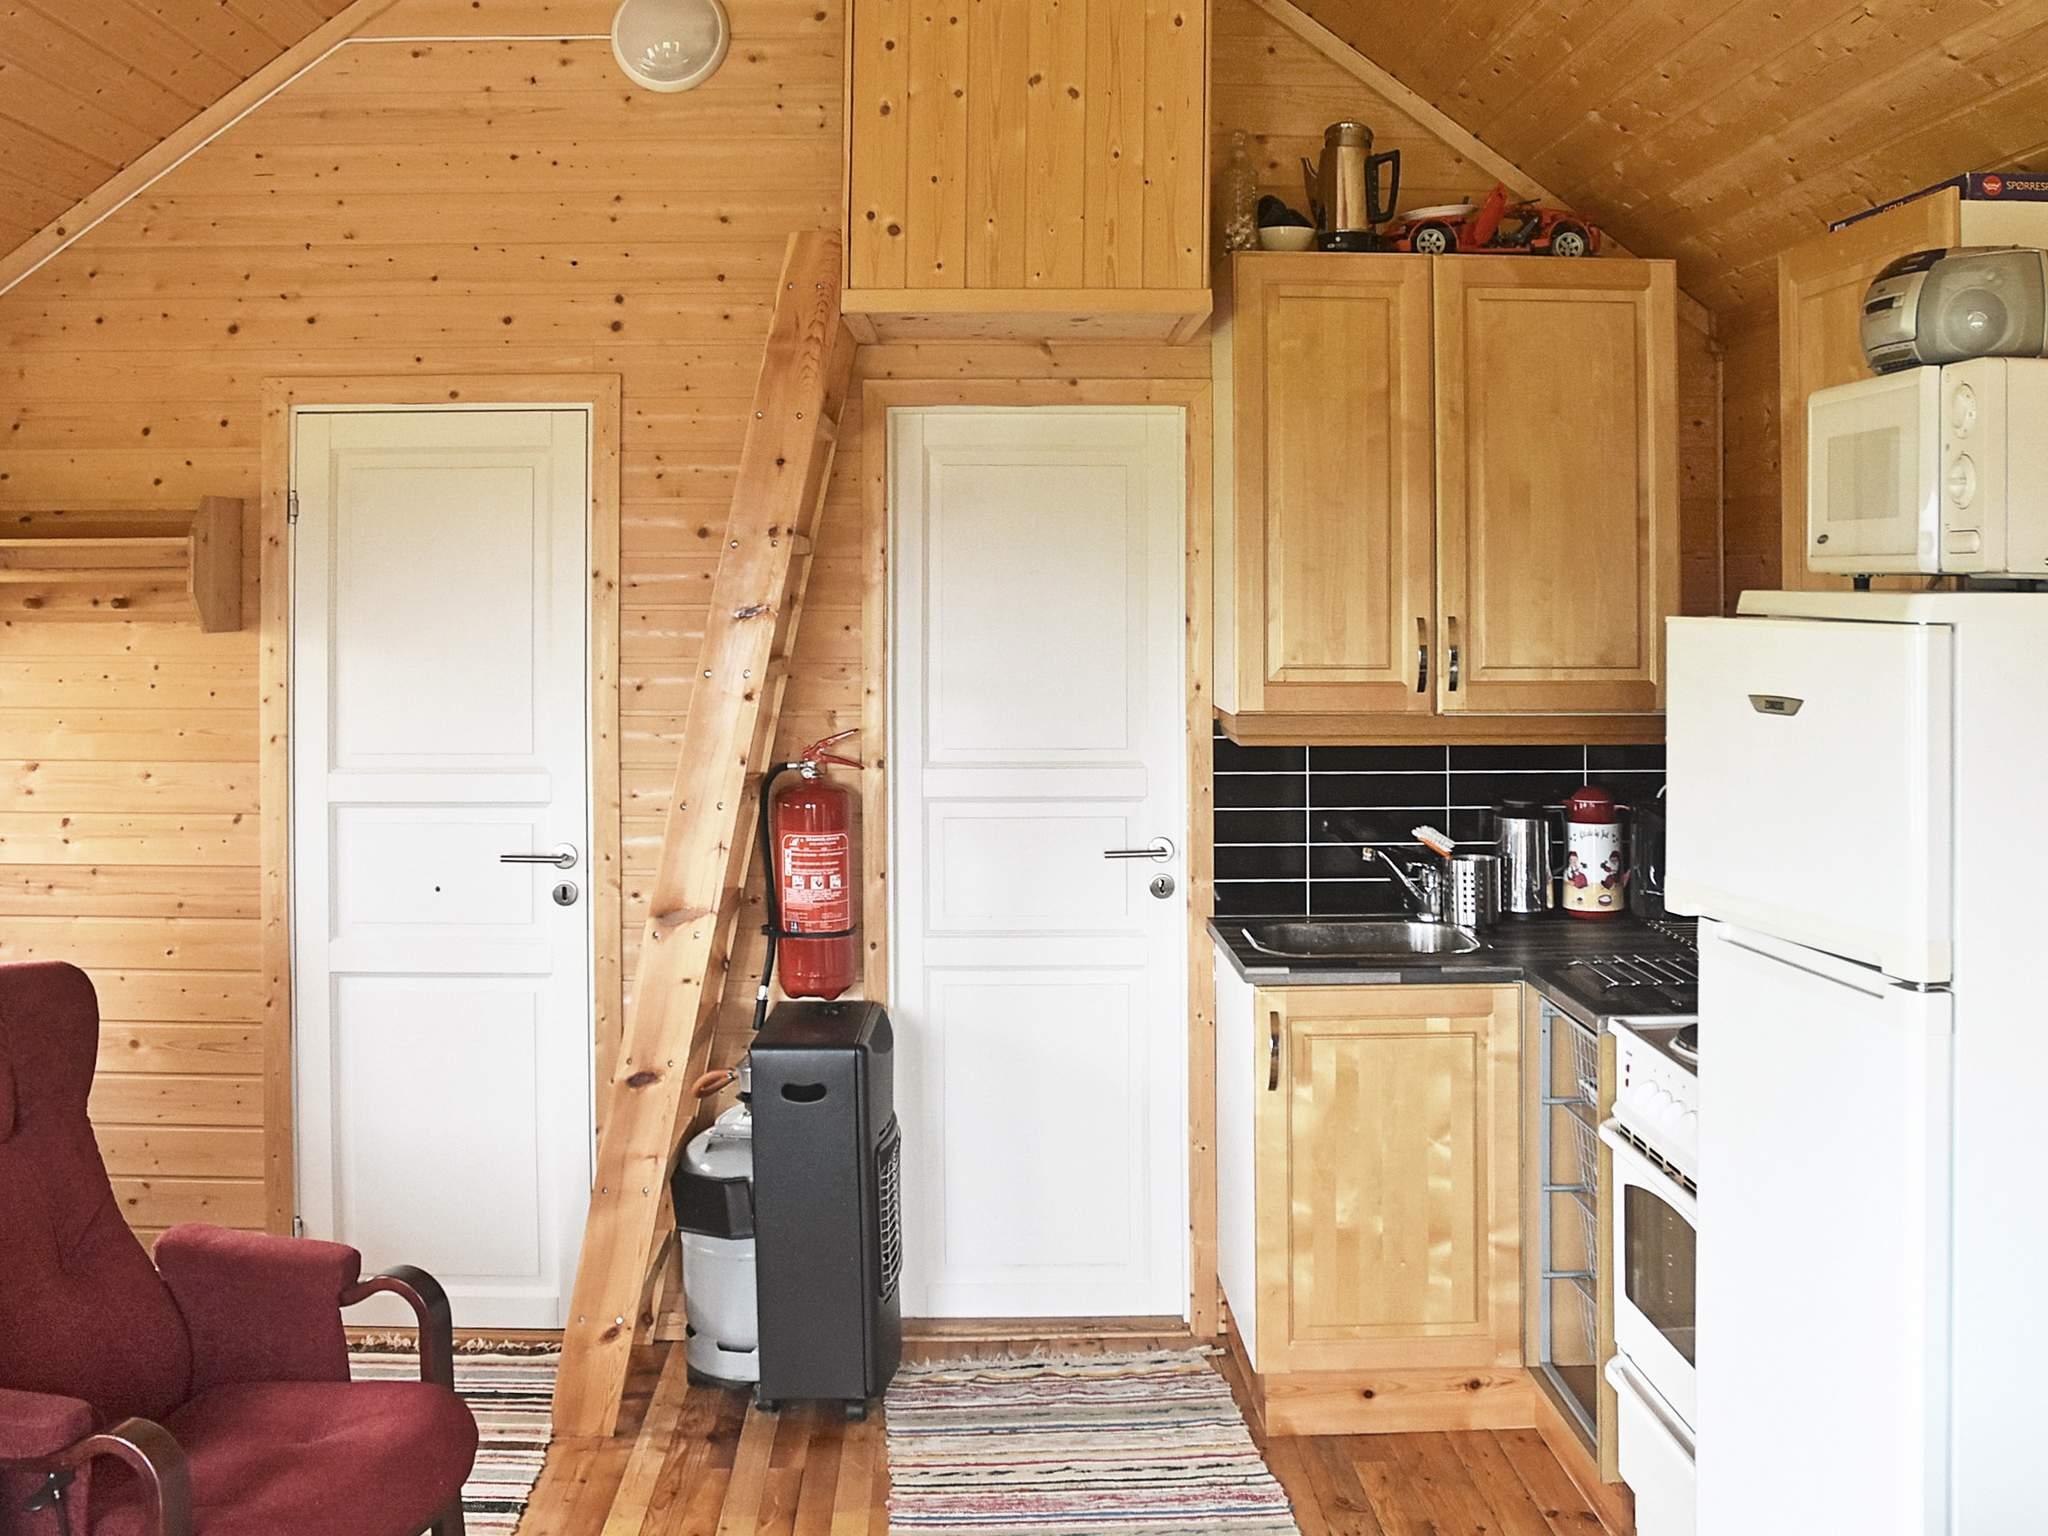 Ferienhaus Tranvikan (1702722), Fillan, Tröndelag Süd - Trondheimfjord Süd, Mittelnorwegen, Norwegen, Bild 24